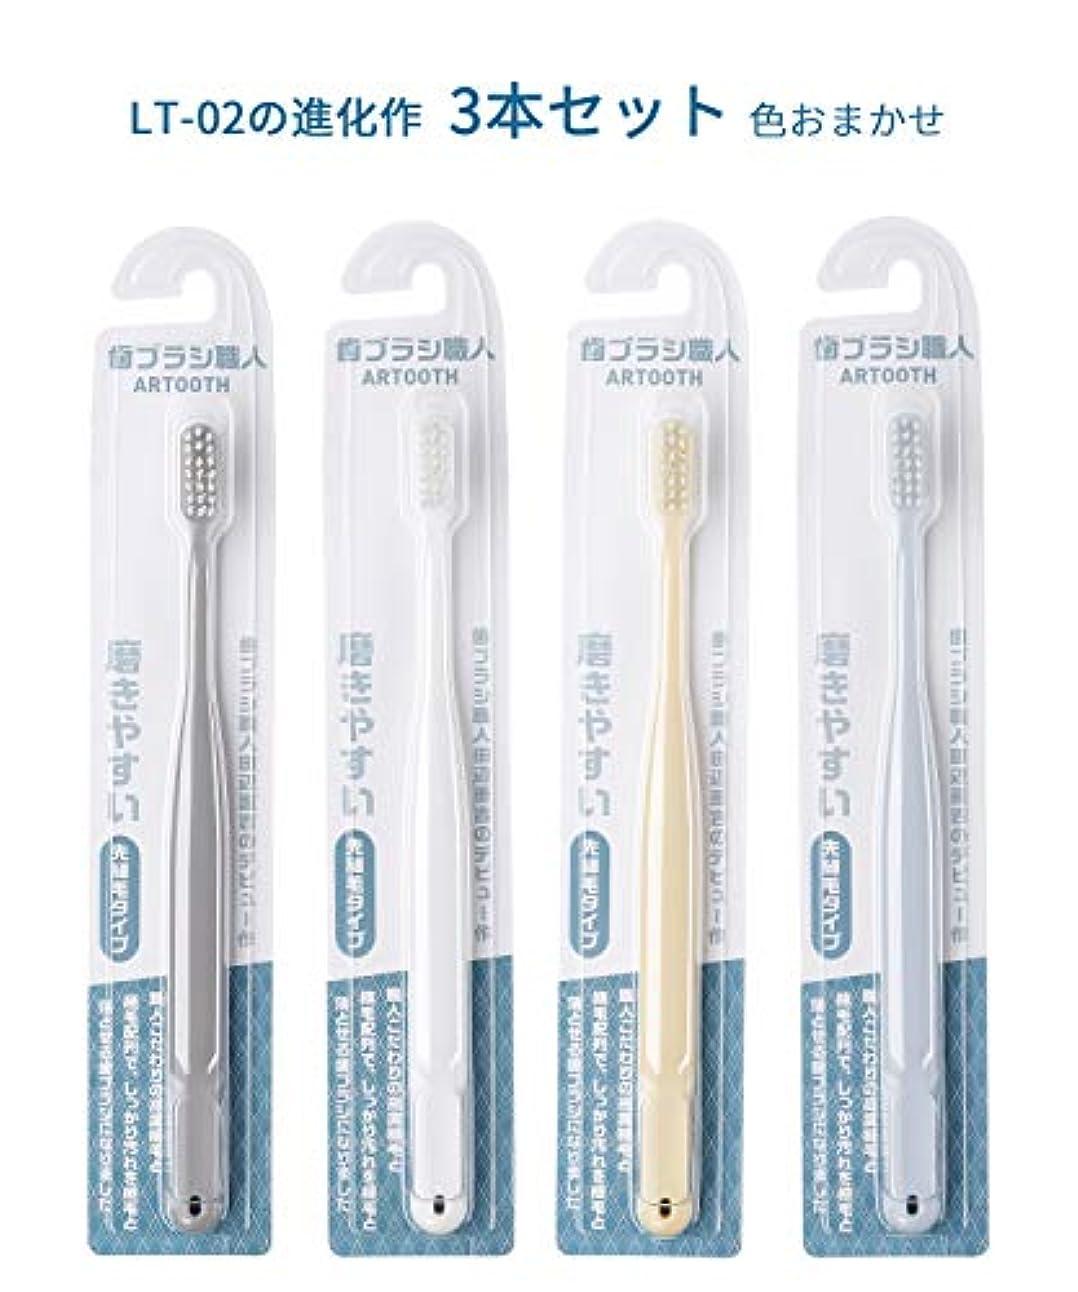 拡声器アルバニー道に迷いました歯ブラシ職人ARTOOTH 田辺重吉 磨きやすい歯ブラシ 先細 AT-02 (3本パック)